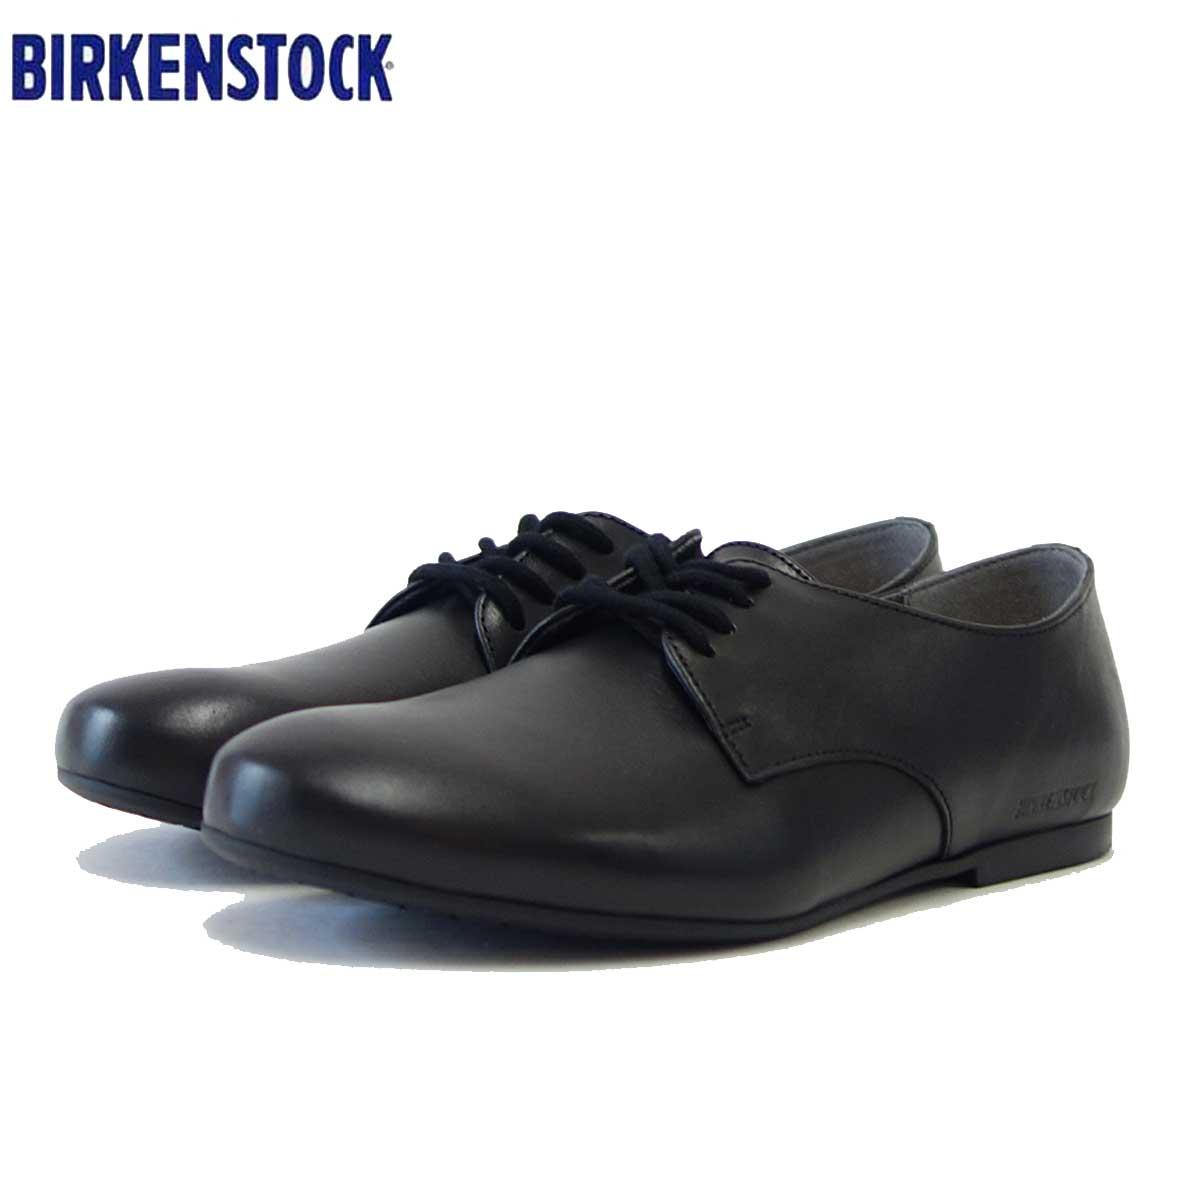 ナチュラルなレースアップシューズ(正規輸入品) 送料無料商品 【エントリーでポイント15倍(大感謝祭)】ビルケンシュトック BIRKENSTOCK SAUNDERS(ソーンダース)レディース 1006335(天然皮革/ブラック)「靴」